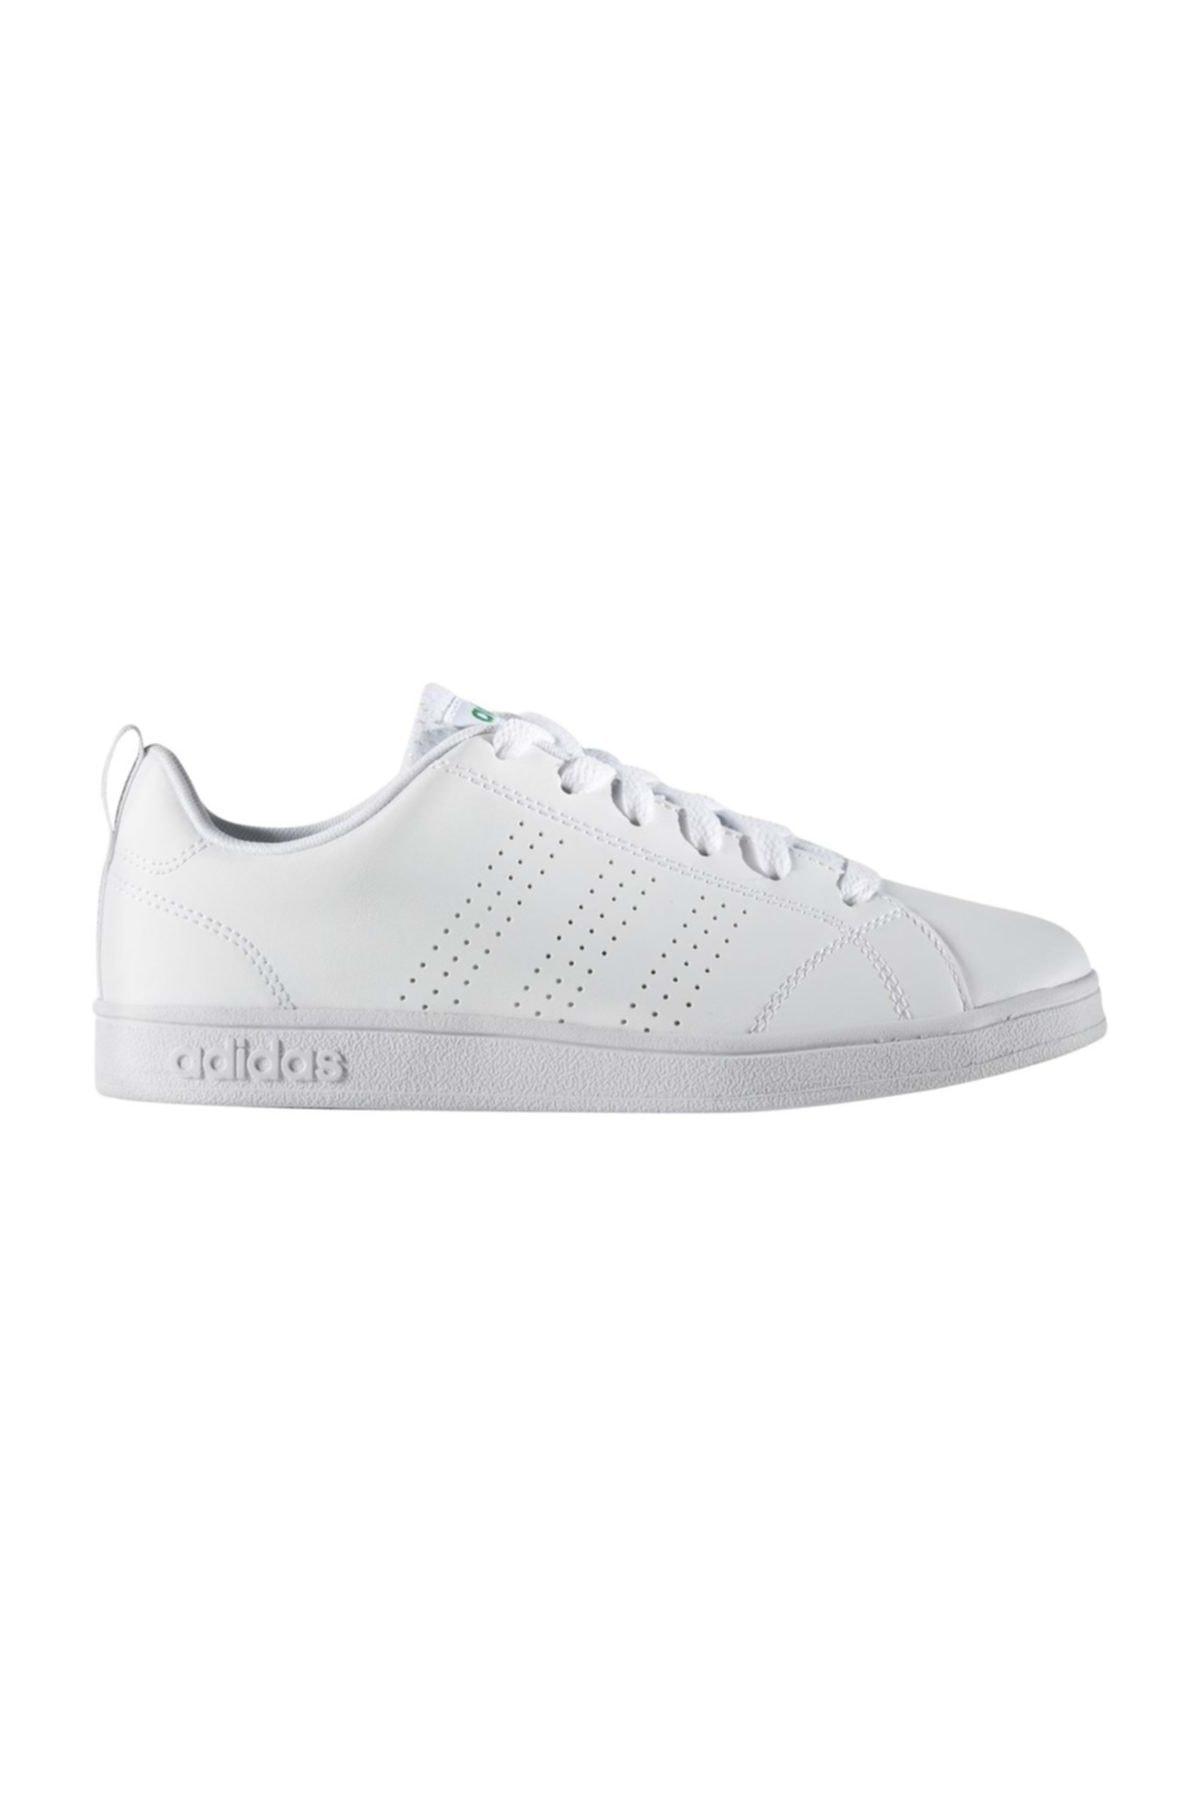 adidas Vs Advantage Cl K Kadın Spor Ayakkabı Beyaz 1